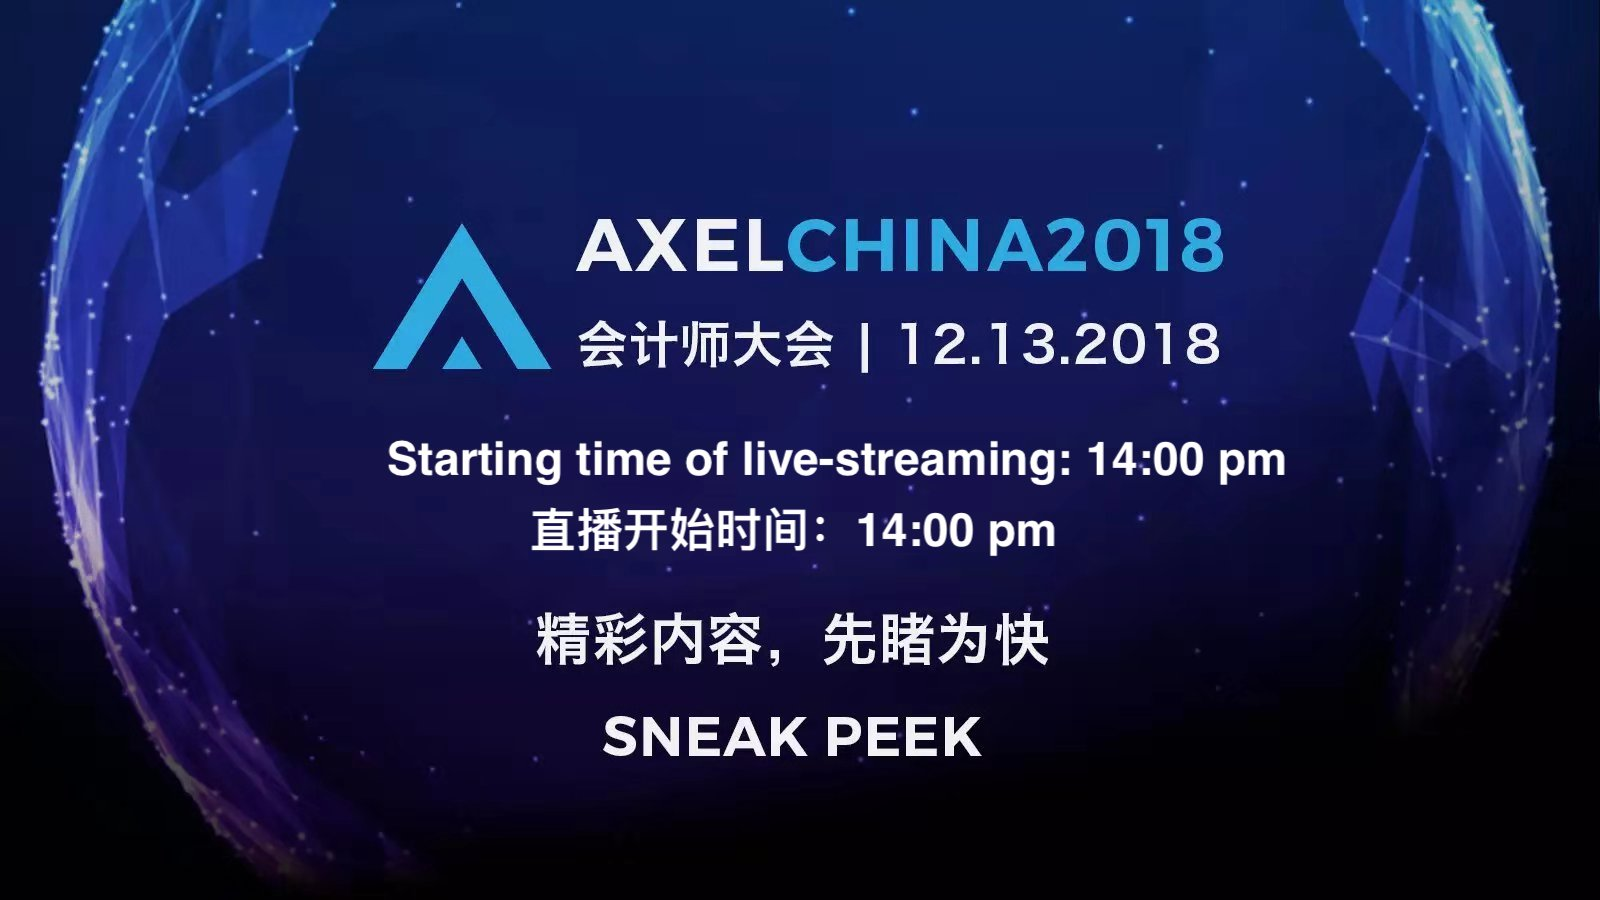 【直播回放】AxelChina 2018 会计师大会